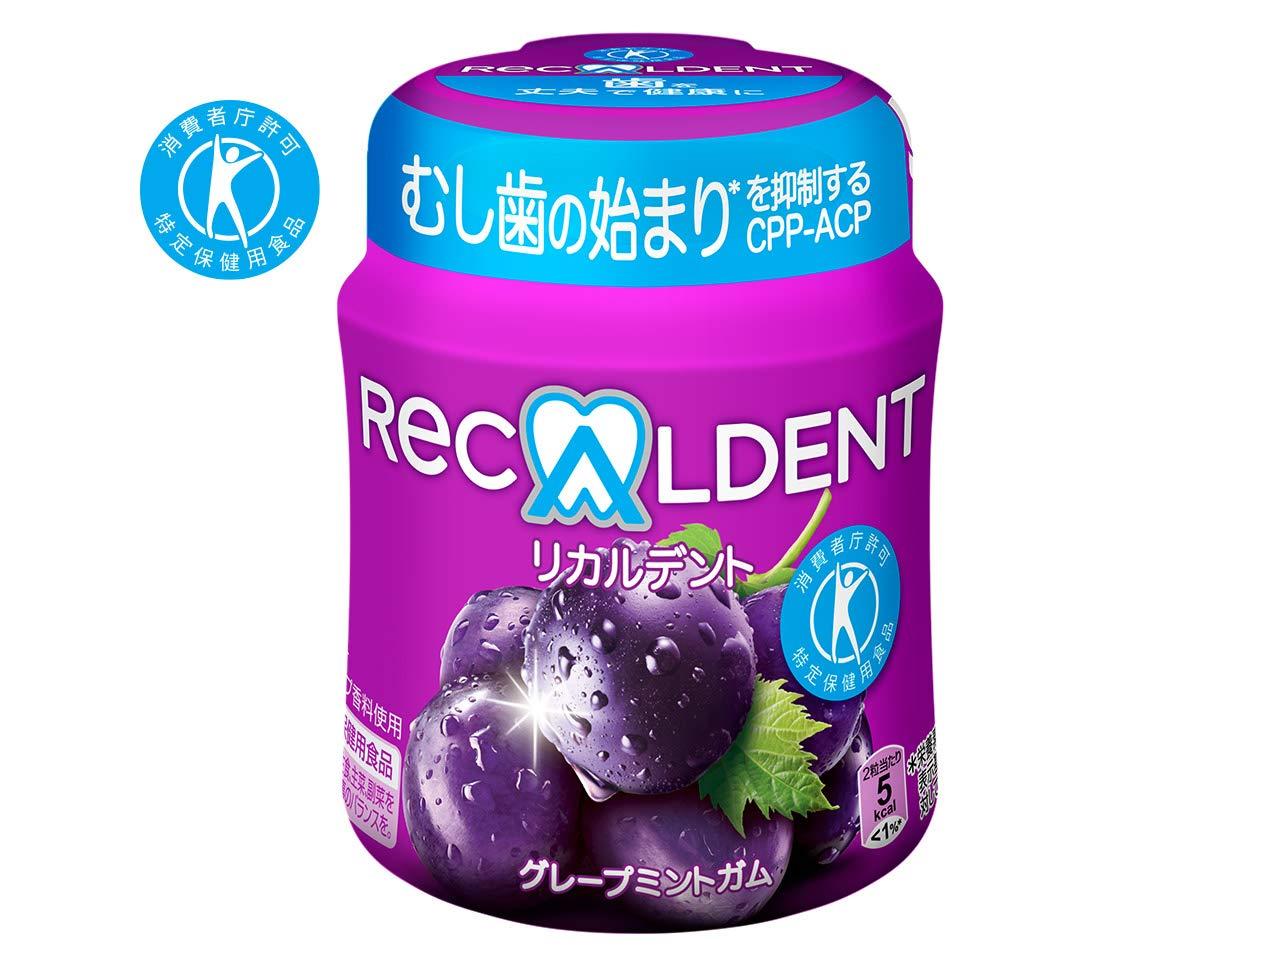 【モンデリーズ・ジャパン】リカルデントグレープミントガム ボトルR 140g